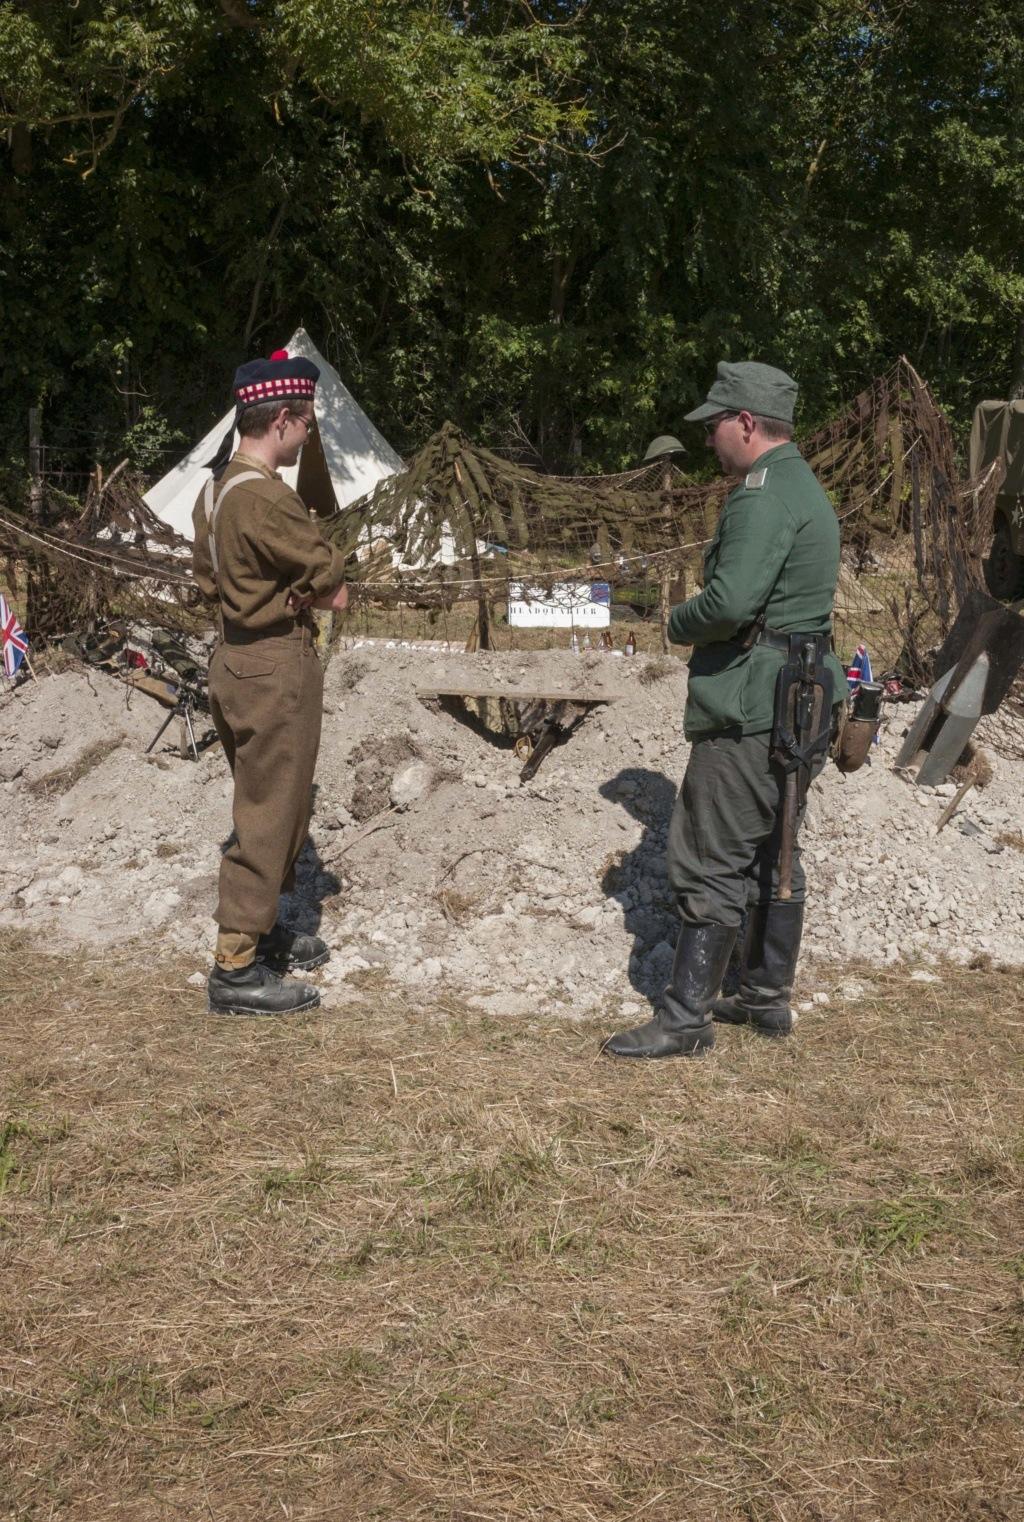 30 août au 1er septembre: Camp militaire commémoratif de la libération au Tréport L1010118